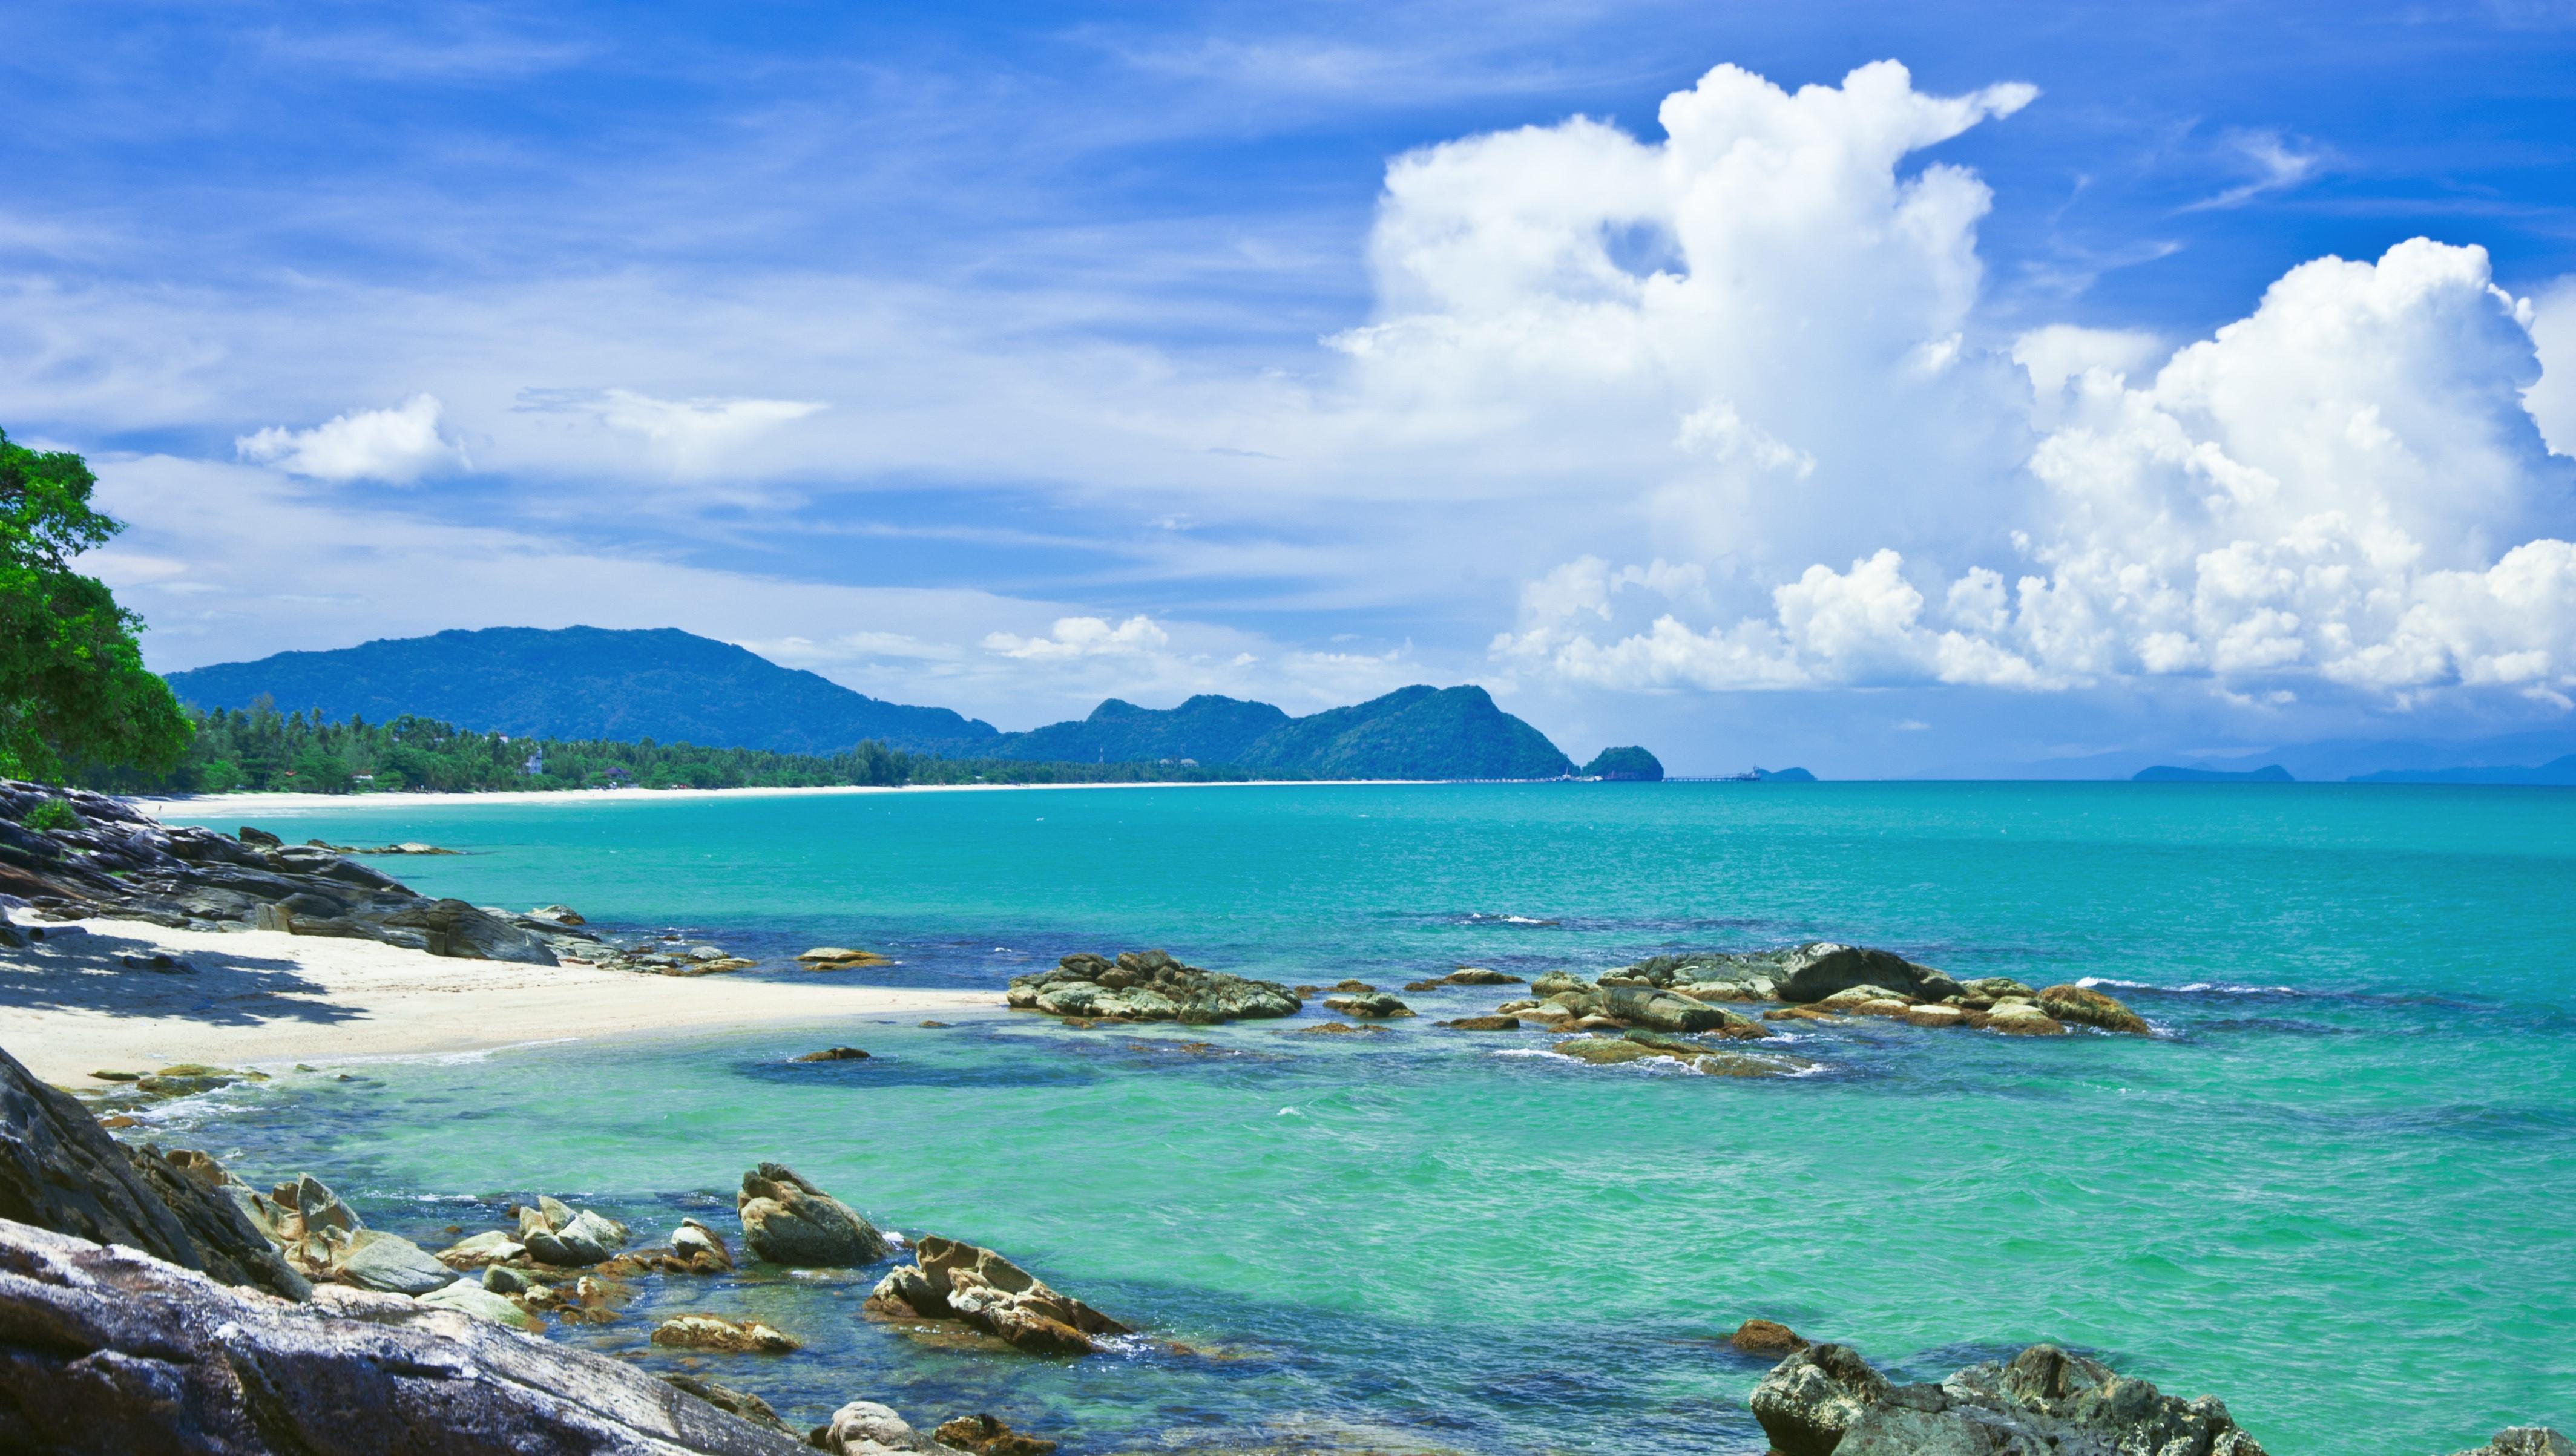 En orörd pärla i Thailand. Värd att utforska. Ett äventyr väntar.